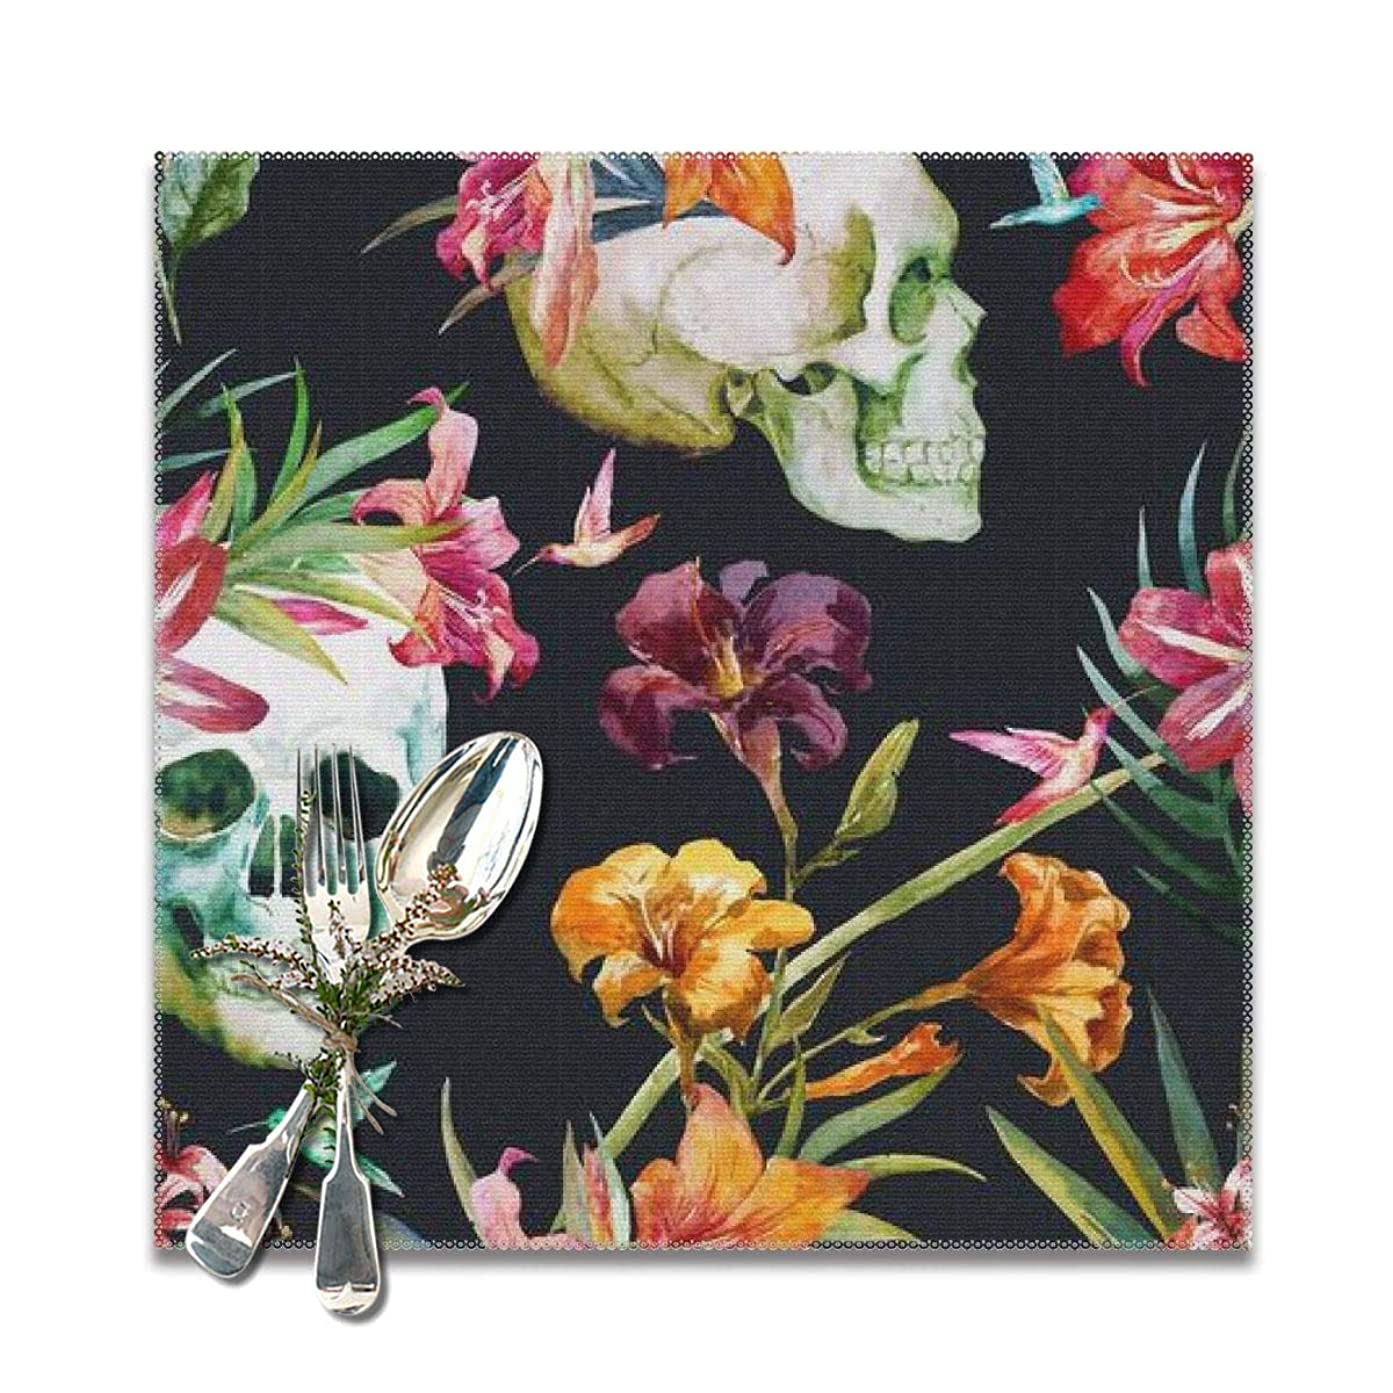 いつでも綺麗なダイエット美しい水彩画の頭蓋骨と花Placemats用ダイニングテーブル、洗えるプレースマットセット6、12 x 12インチ